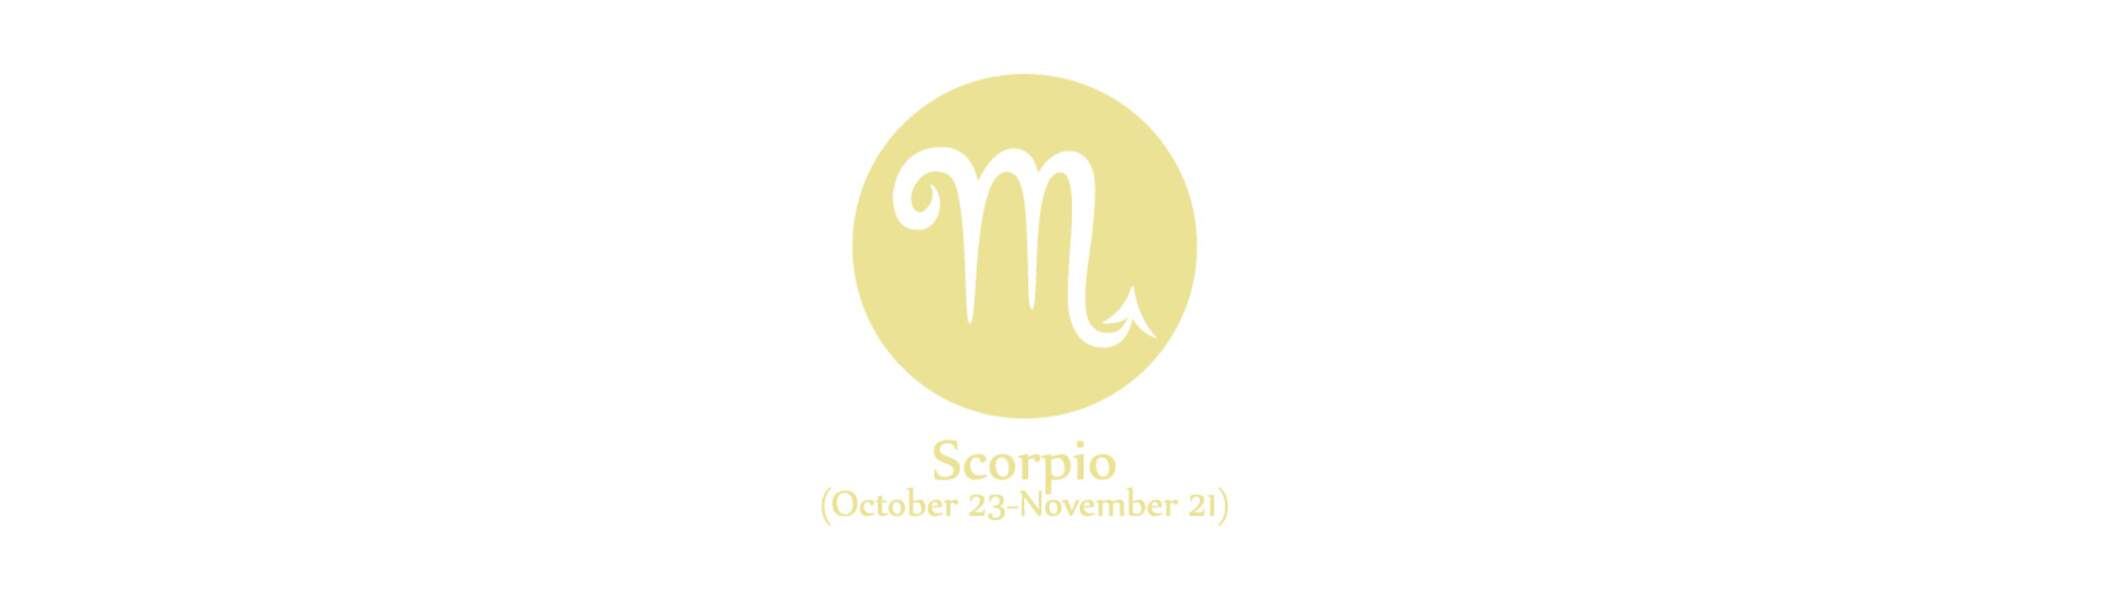 Horoscope de la semaine prochaine pour le Scorpion